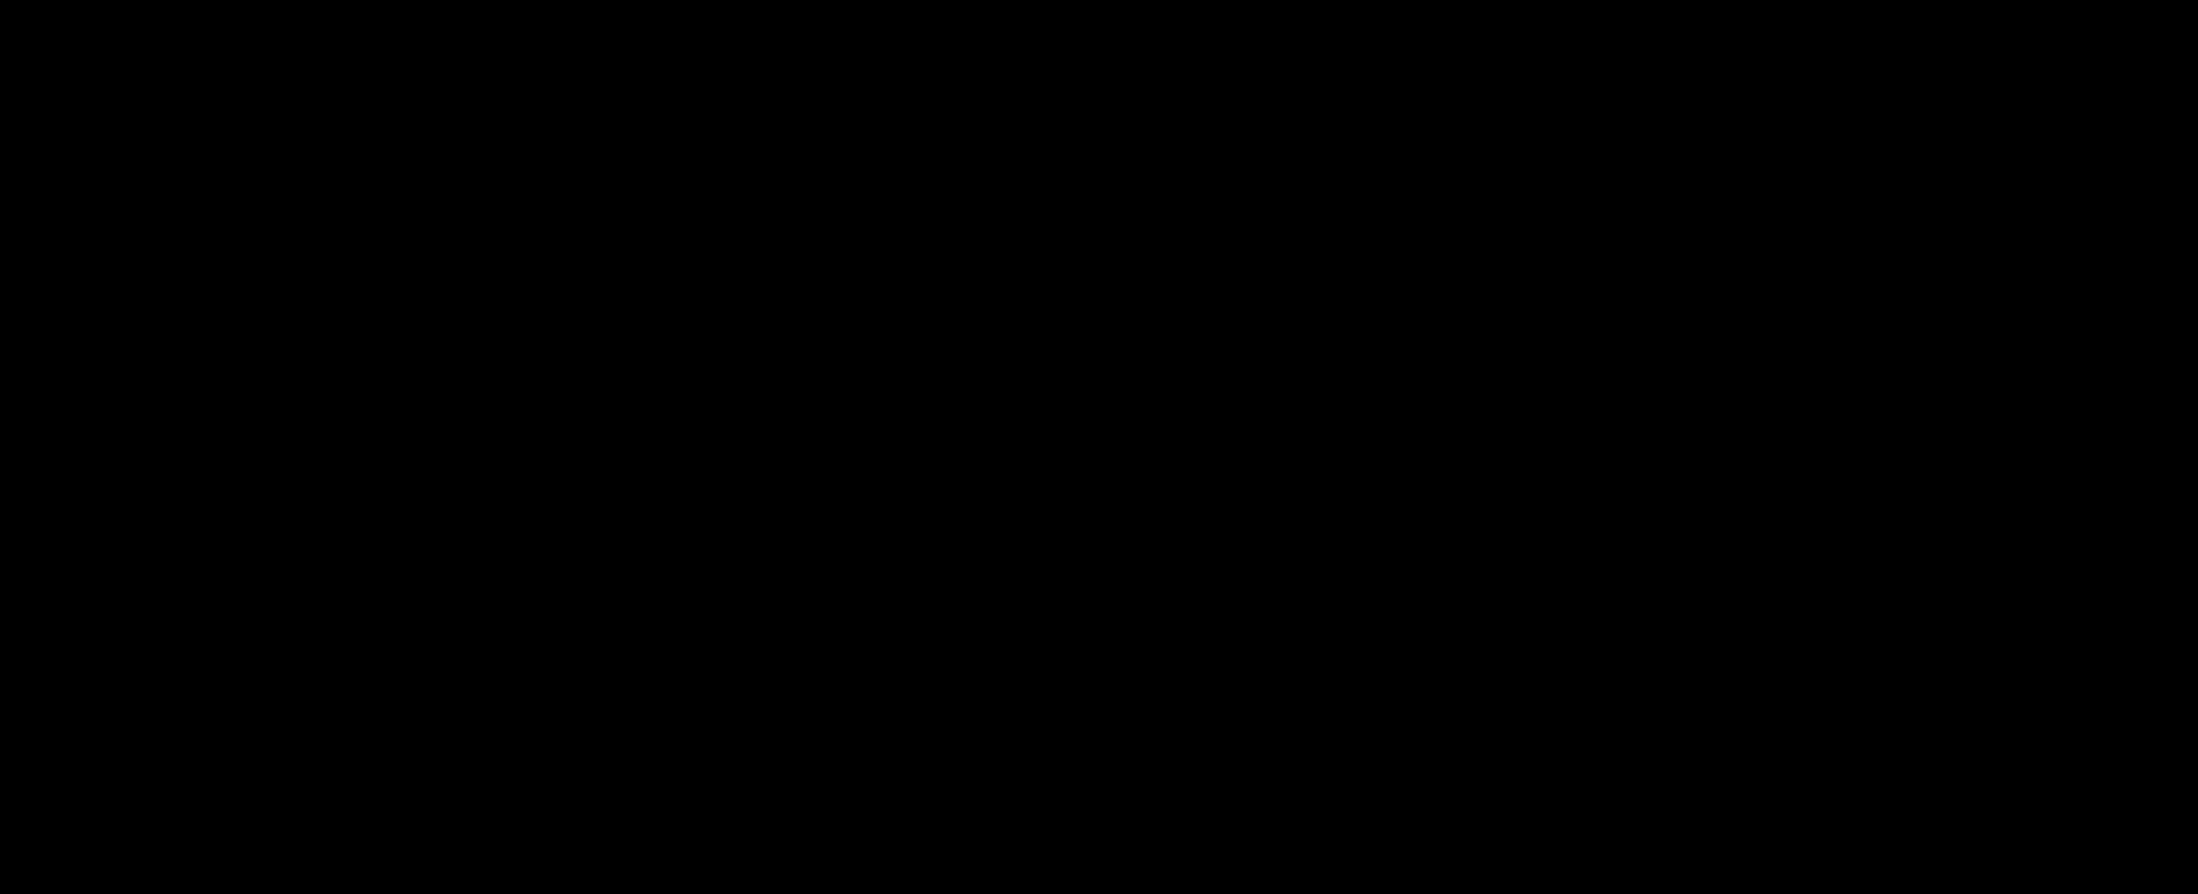 12-Hydroxystearicacid-acyclovir